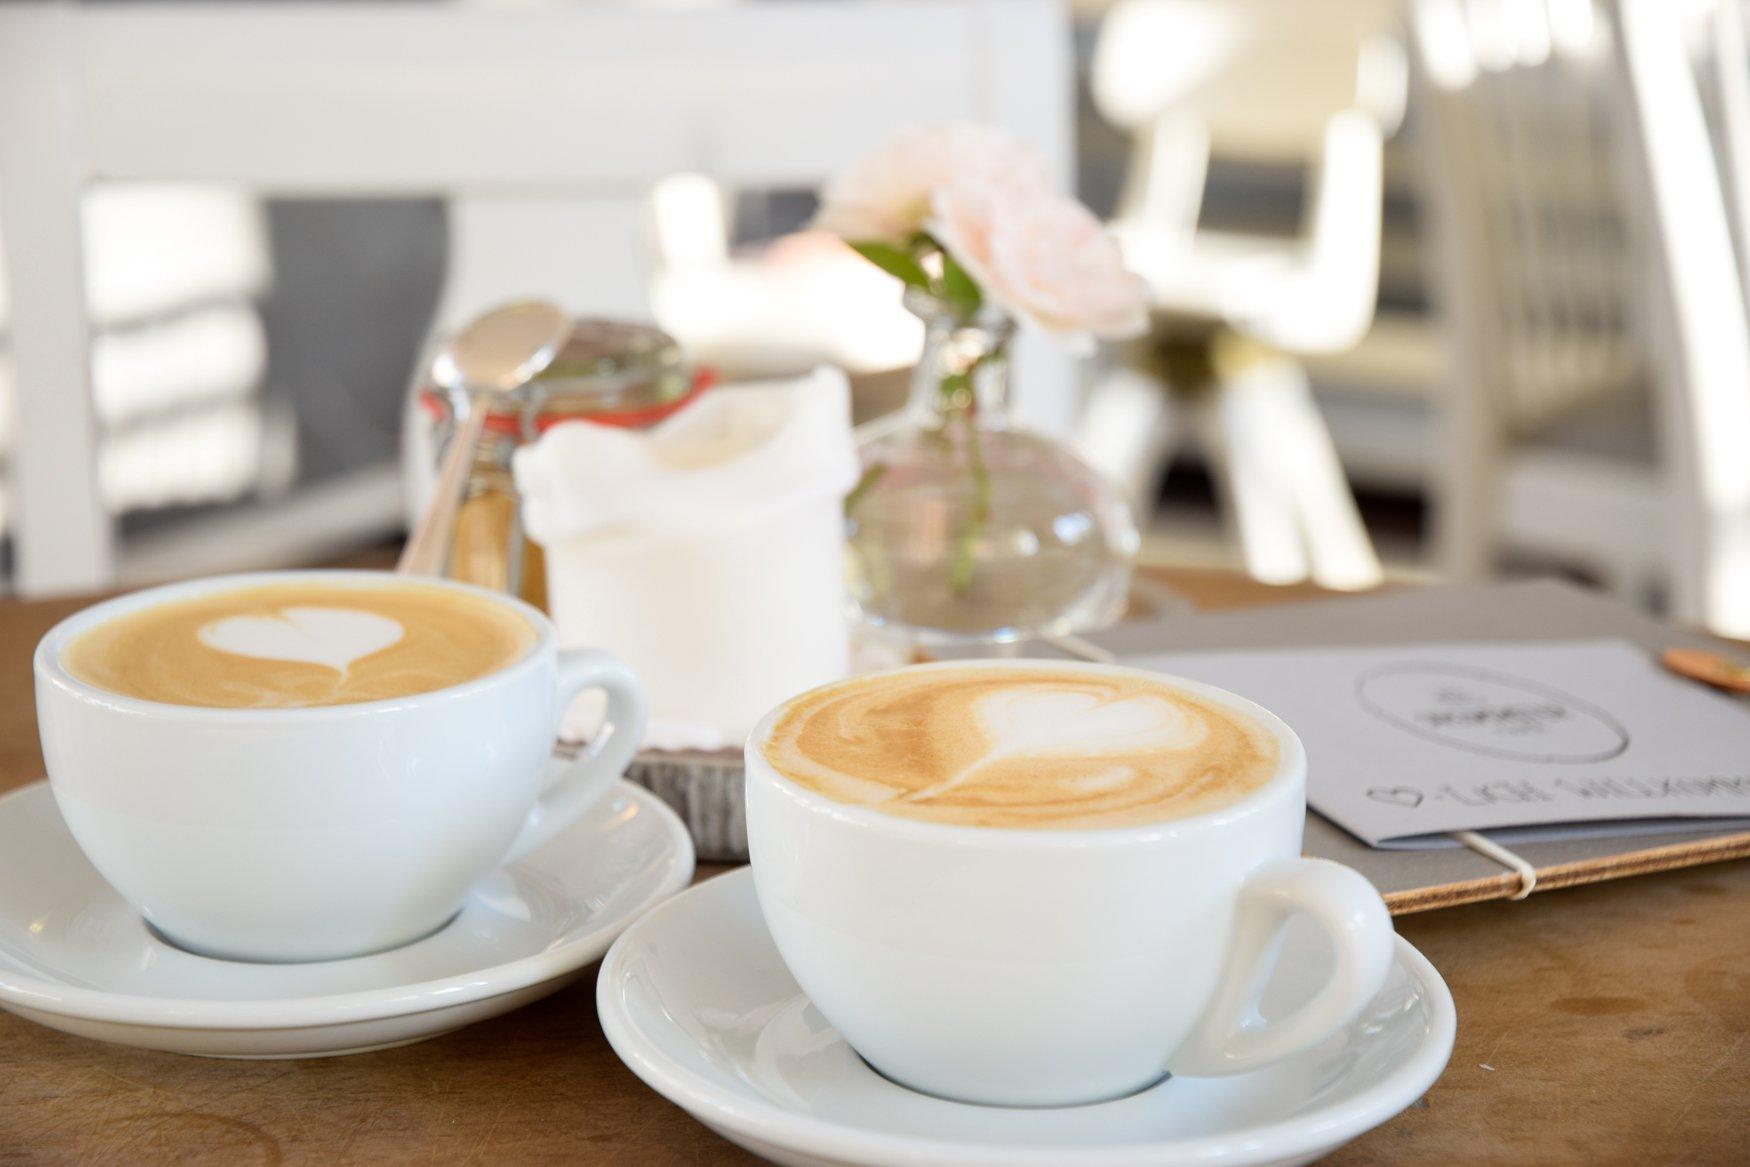 Kiel-Cafe-Fruehstueck - kaffee kiel cafe brunch